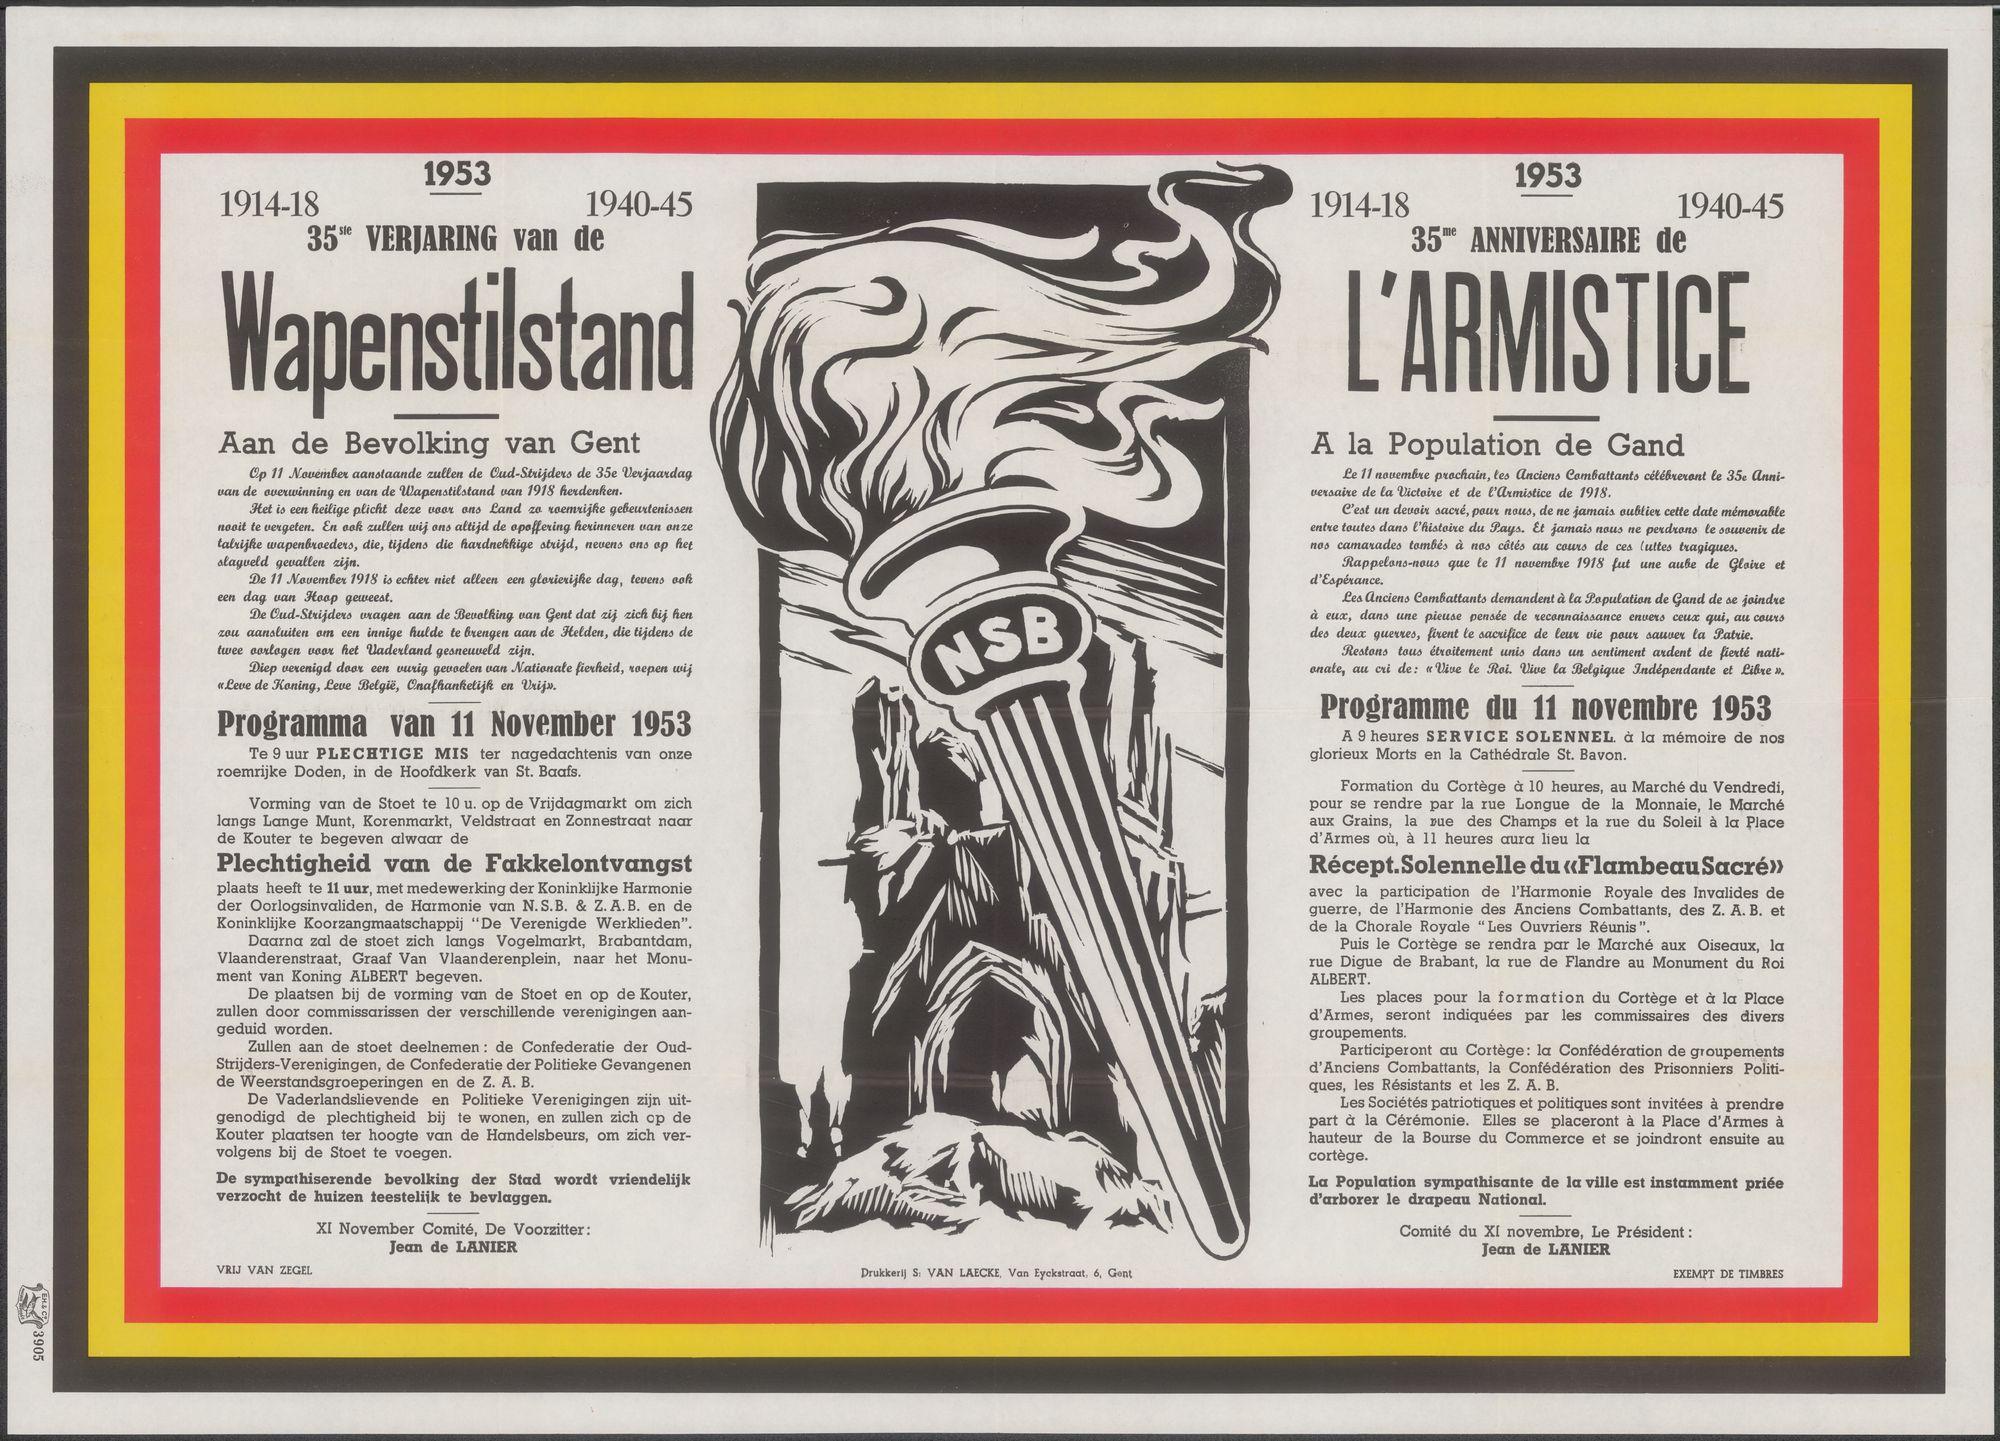 Herdenkingsplechtigheid van de 35e verjaring van de Wapenstilstand 1914-18, 1940-45, Gent, 1953